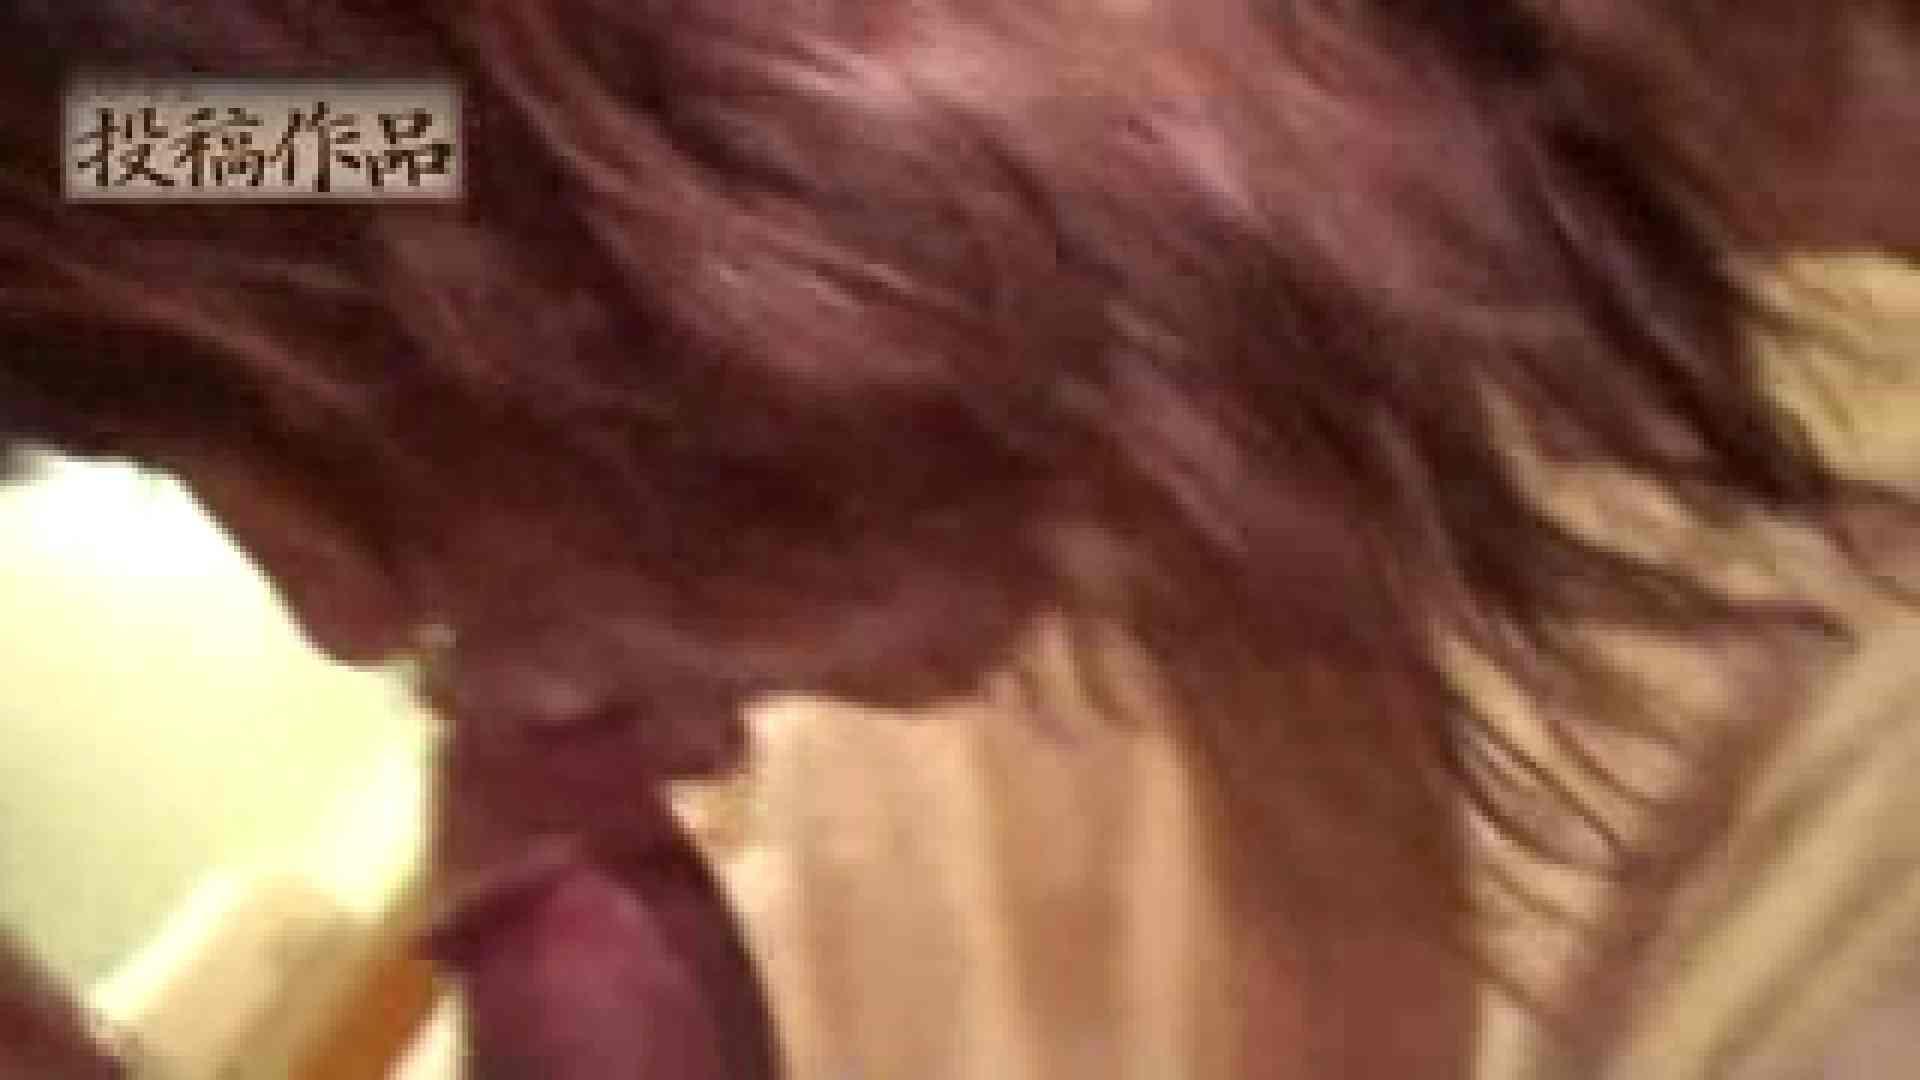 ナマハゲさんのまんこコレクション第3弾 ichiko2 リアル・マンコ ぱこり動画紹介 86pic 44